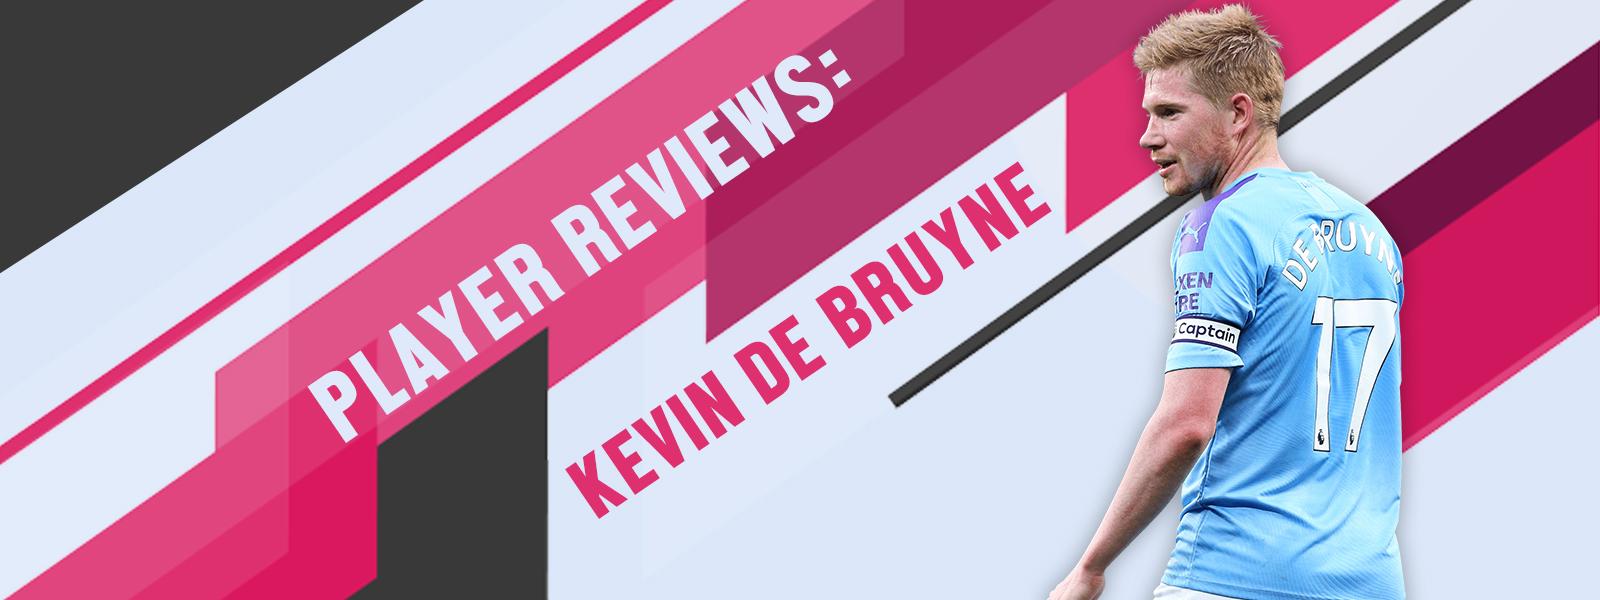 Belgium Offensive Midfielder - Kevin De Bruyne